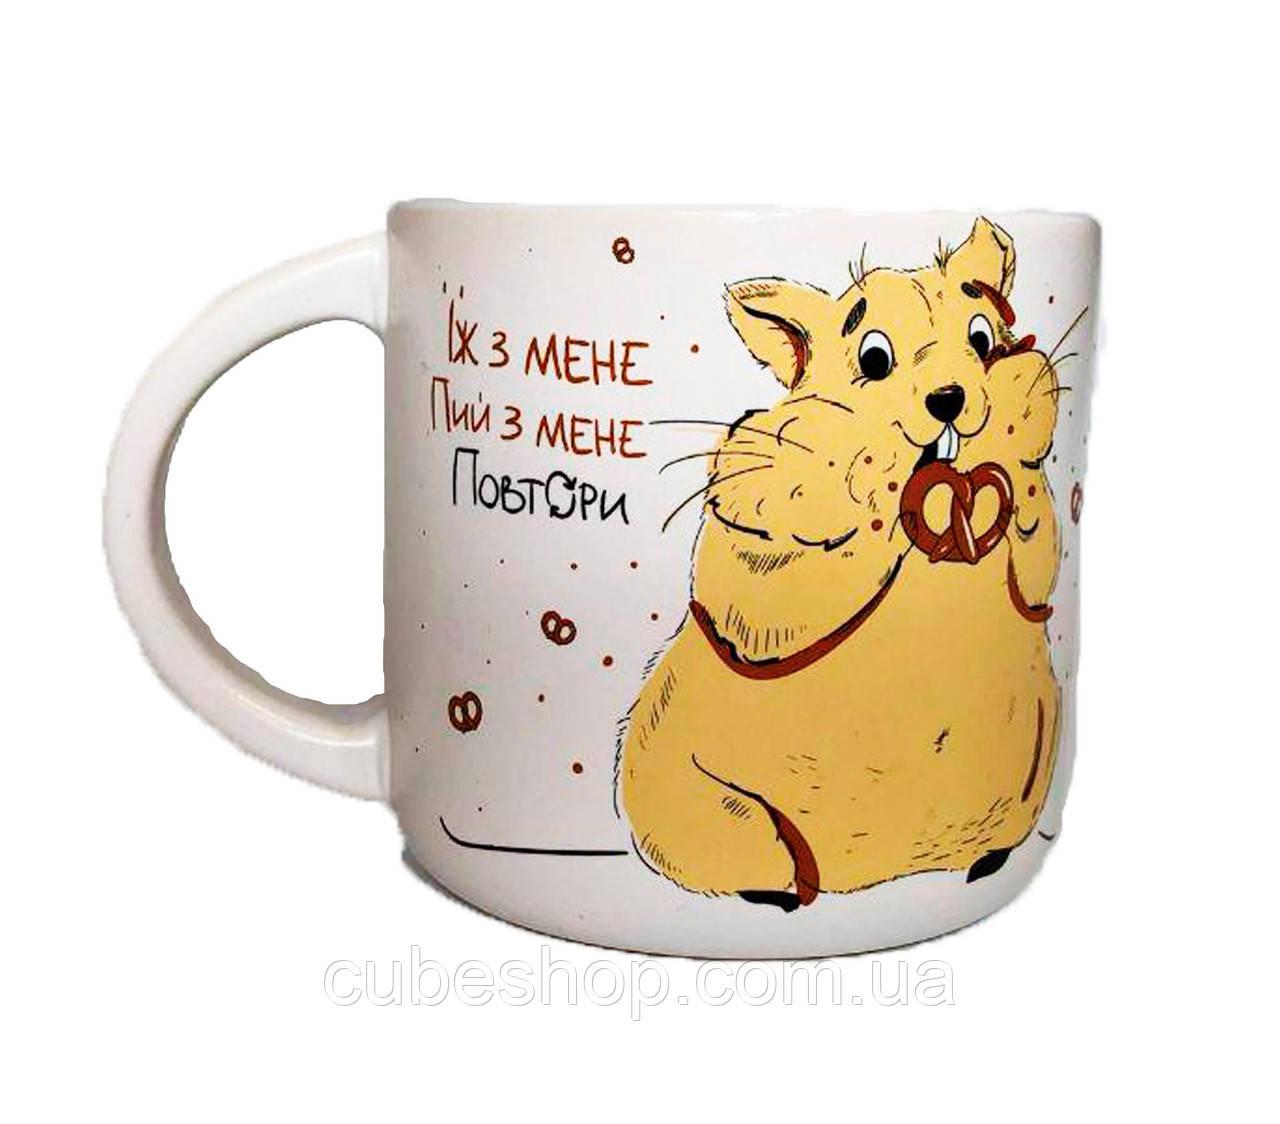 Чашка «Їж з мене пий з мене повтори» (350 мл)